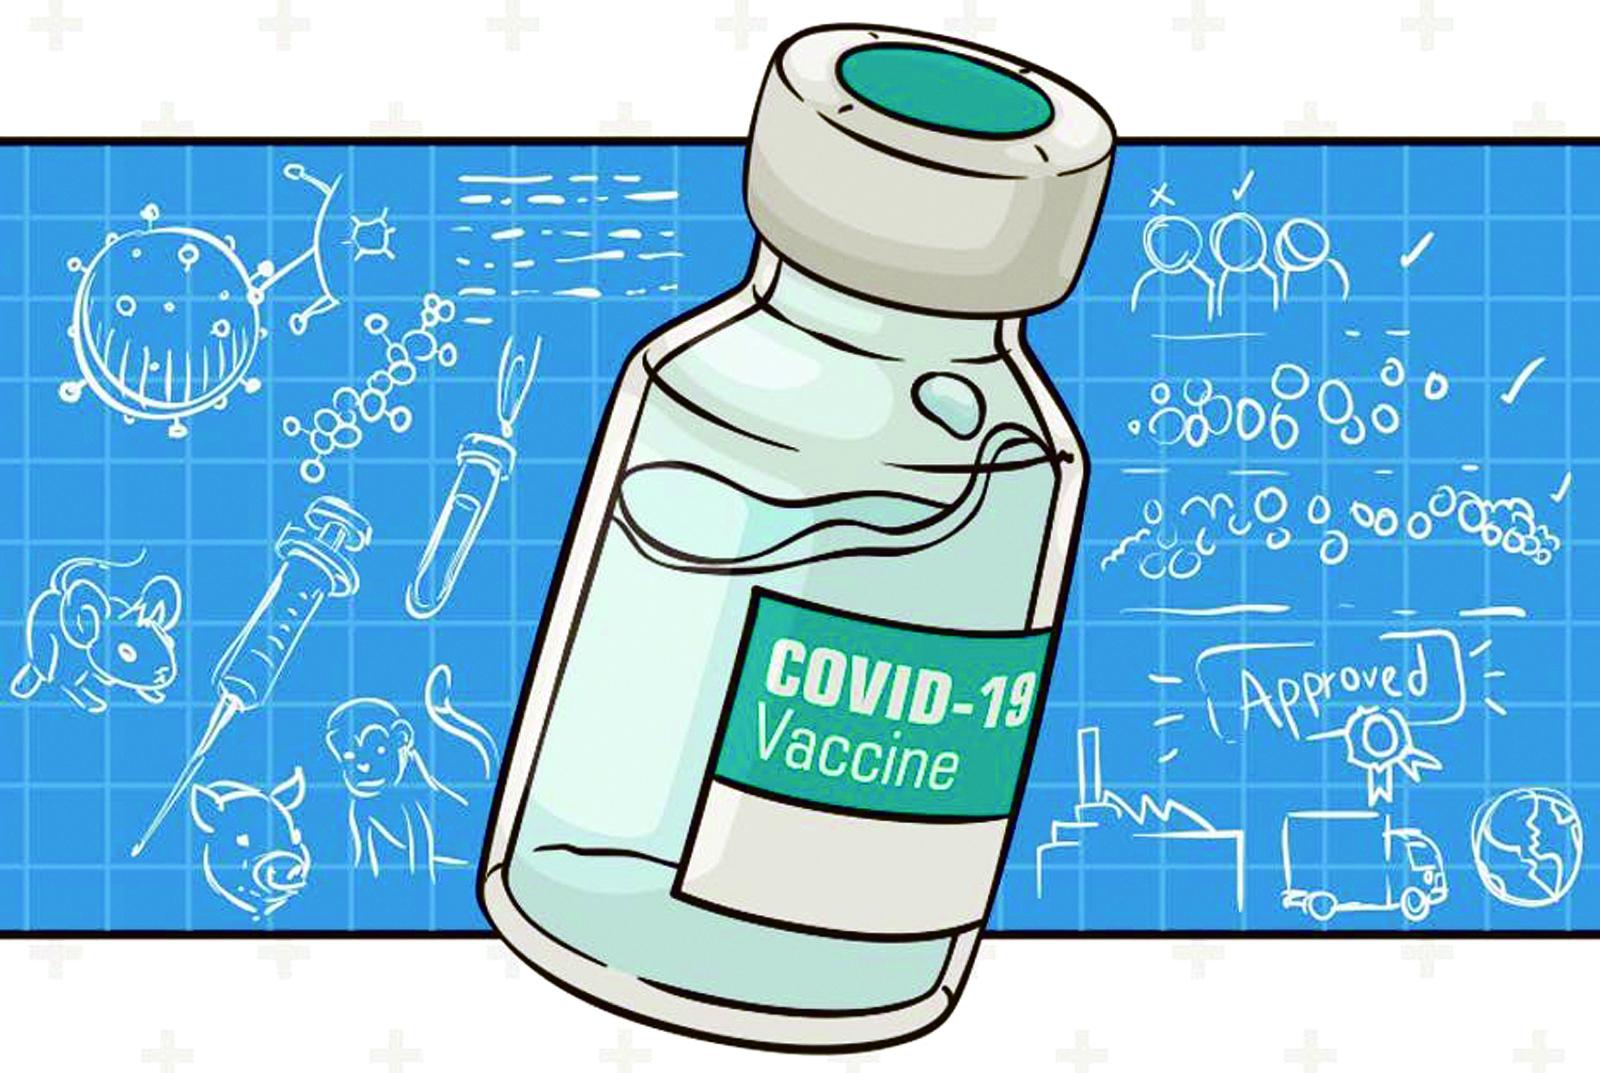 CoViD Update | डिंडौरी जिले में ऑलटाइम कोविड मरीजों का आंकड़ा 1100 पर  पहुंचा, आज मिले 04 नए केस; 02 समनापुर + 01 डिंडौरी + 01 बजाग